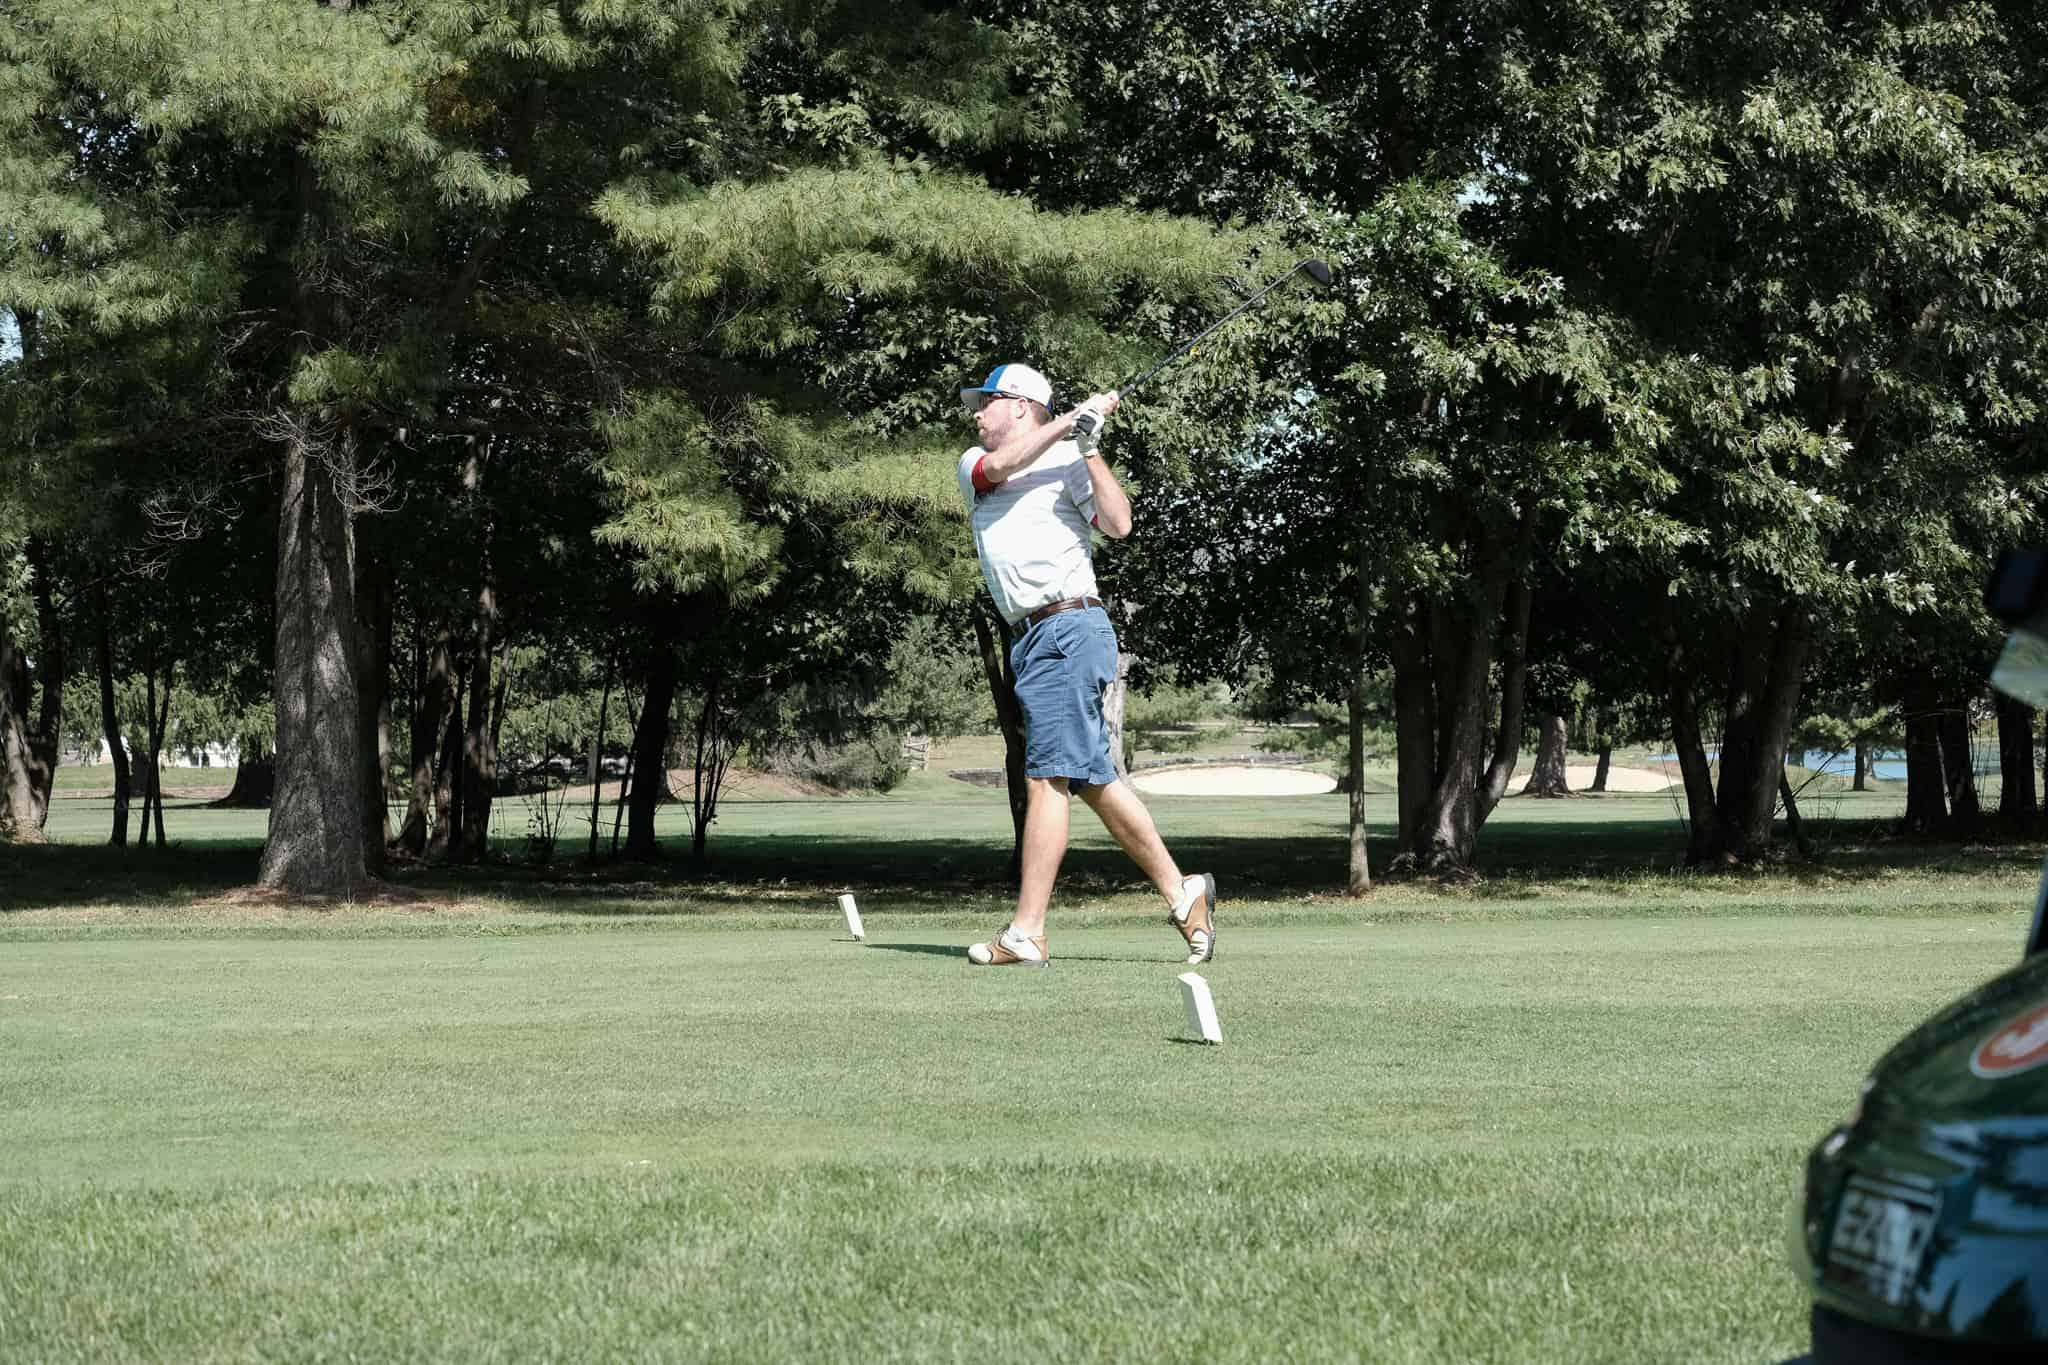 GolfOuting2019 (19 of 61)